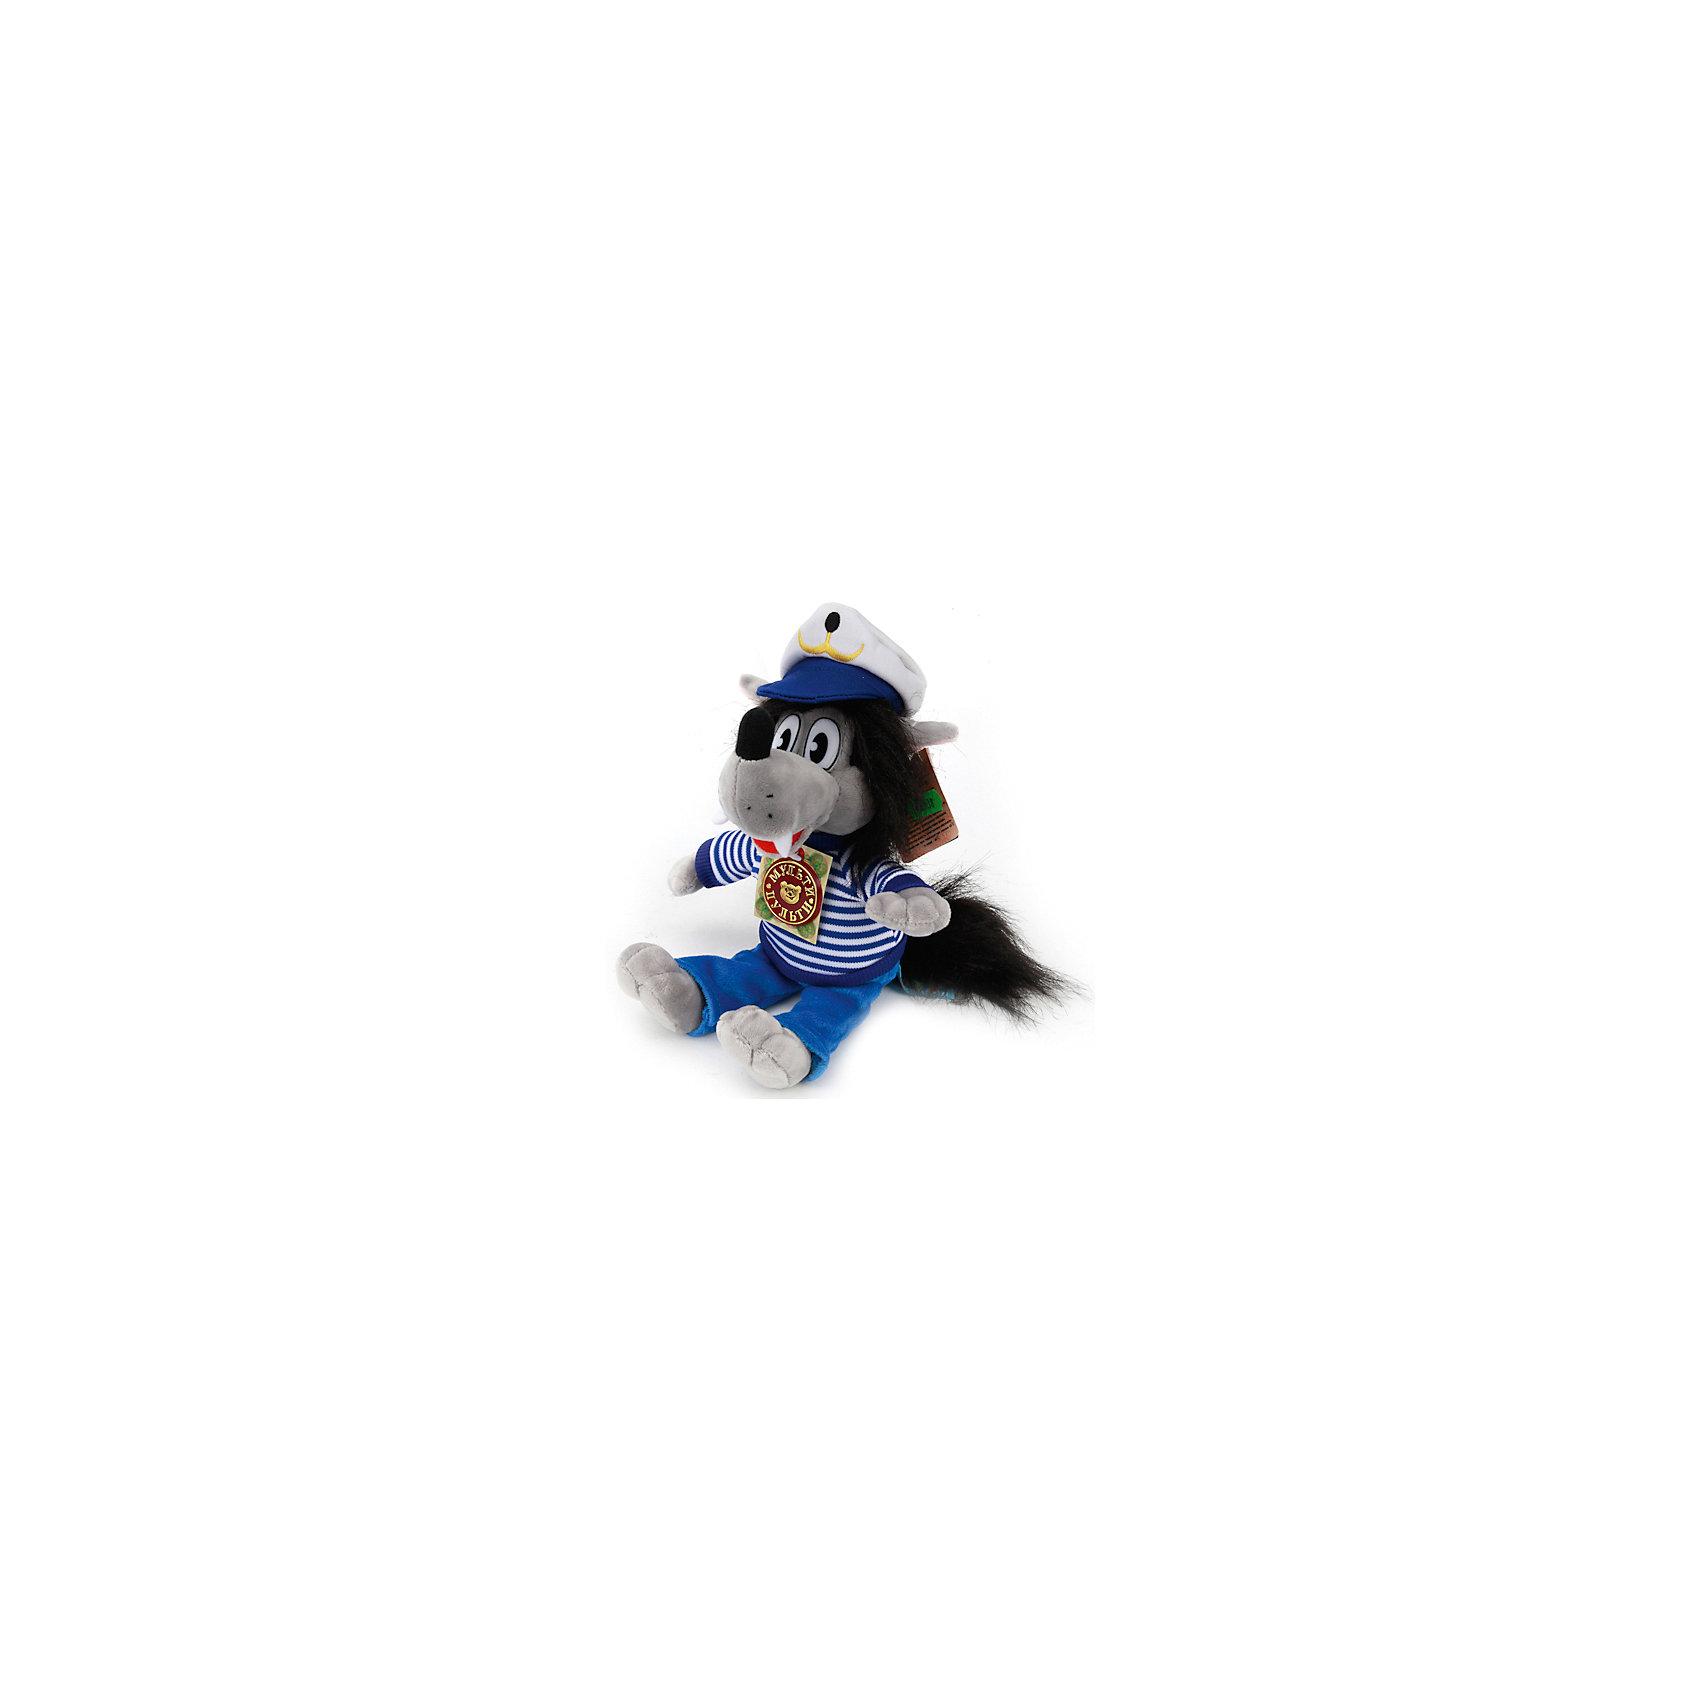 Волк из м/ф Ну, Погоди!, 25 см, МУЛЬТИ-ПУЛЬТИМягкая игрушка Волк от марки МУЛЬТИ-ПУЛЬТИ<br><br>Размер игрушки очень удобный - 25 сантиметров, её удобно брать с собой в поездки и на прогулку. Сделан волк из качественных и безопасных для ребенка материалов, которые еще и приятны на ощупь. <br><br>Отличительные особенности игрушки:<br><br>- материал: текстиль, пластик;<br>- высота: 25 см.<br><br>Мягкую игрушку Волк от марки МУЛЬТИ-ПУЛЬТИ можно купить в нашем магазине.<br><br>Ширина мм: 150<br>Глубина мм: 250<br>Высота мм: 400<br>Вес г: 330<br>Возраст от месяцев: 12<br>Возраст до месяцев: 72<br>Пол: Унисекс<br>Возраст: Детский<br>SKU: 2149128